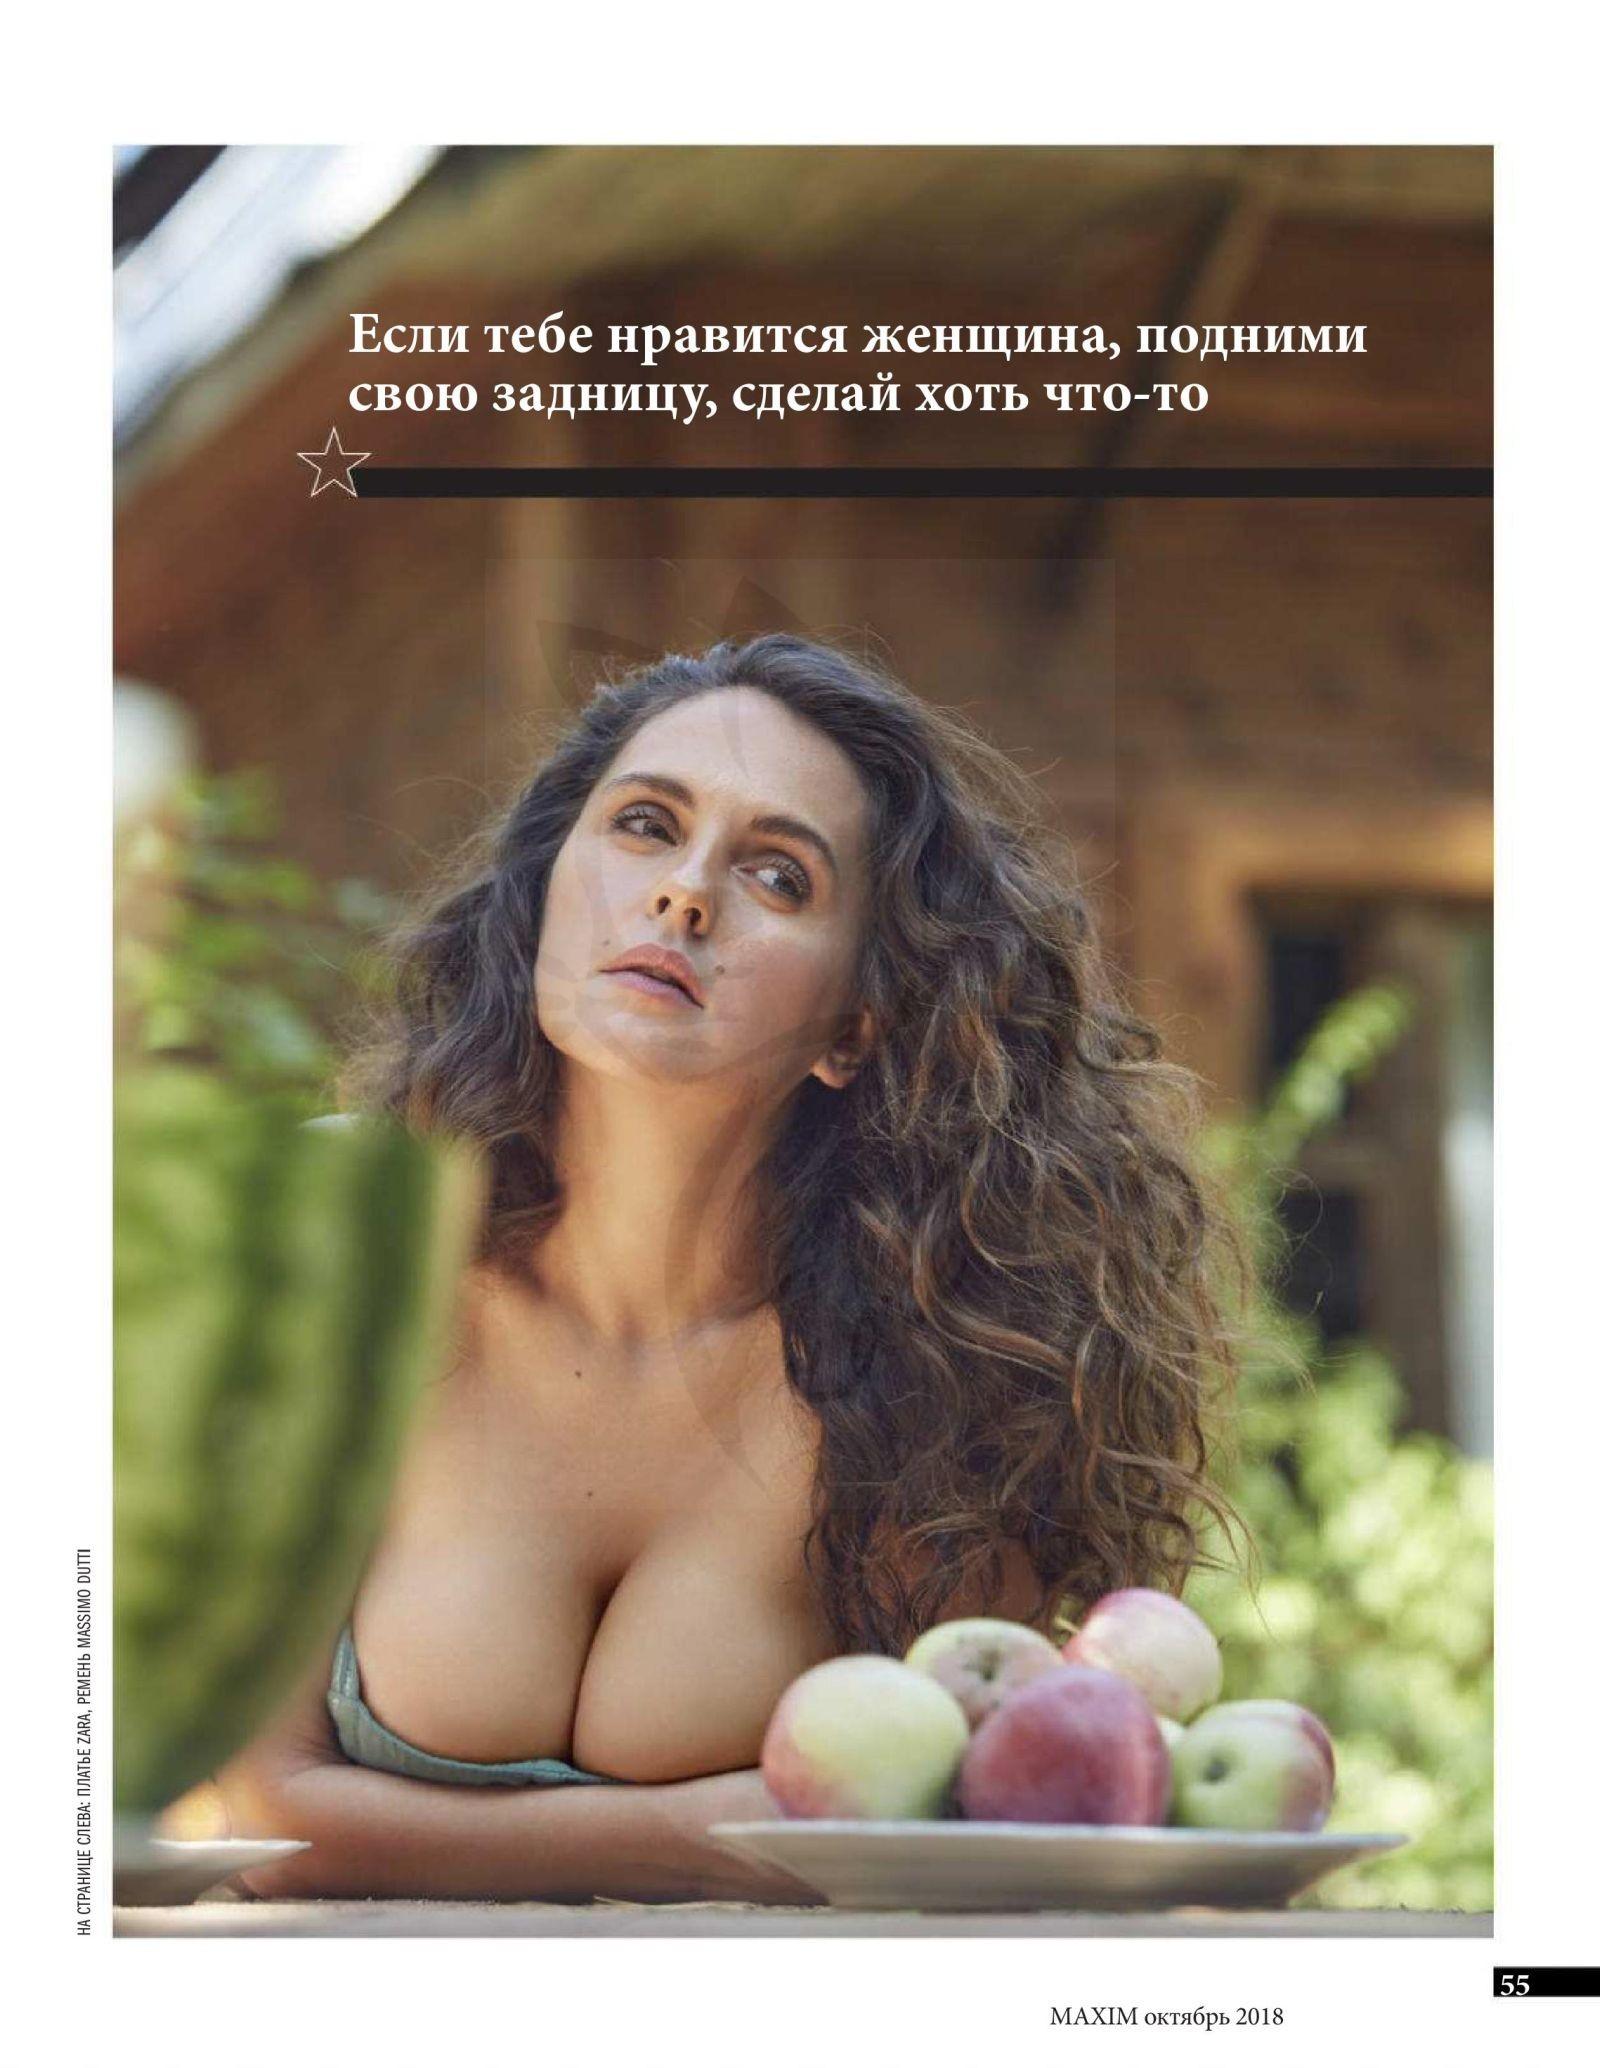 Shumakova nackt Mariya  Mariya Shumakova